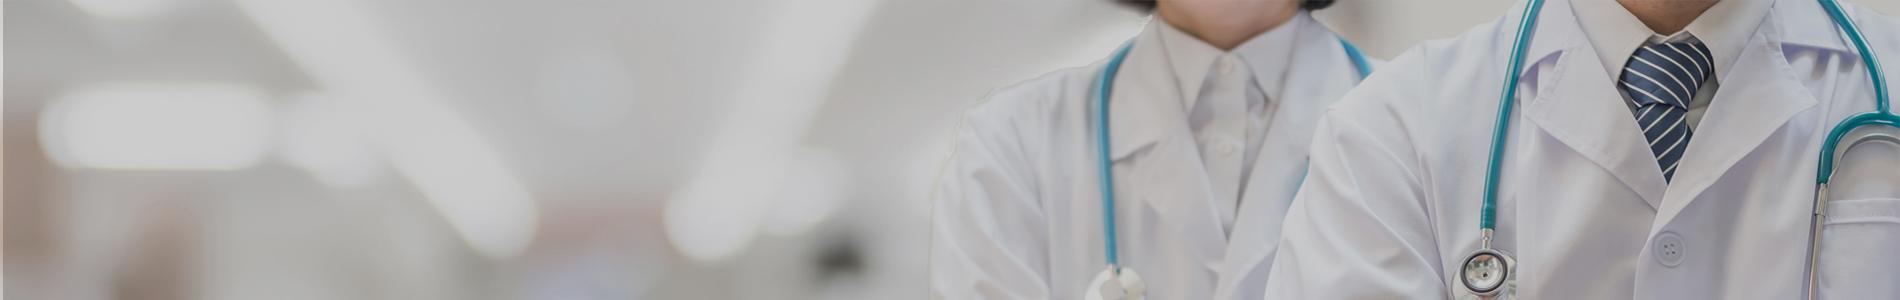 cabecera ¿Qué es la AMTN? - Asociación Médica de Terapia Neural